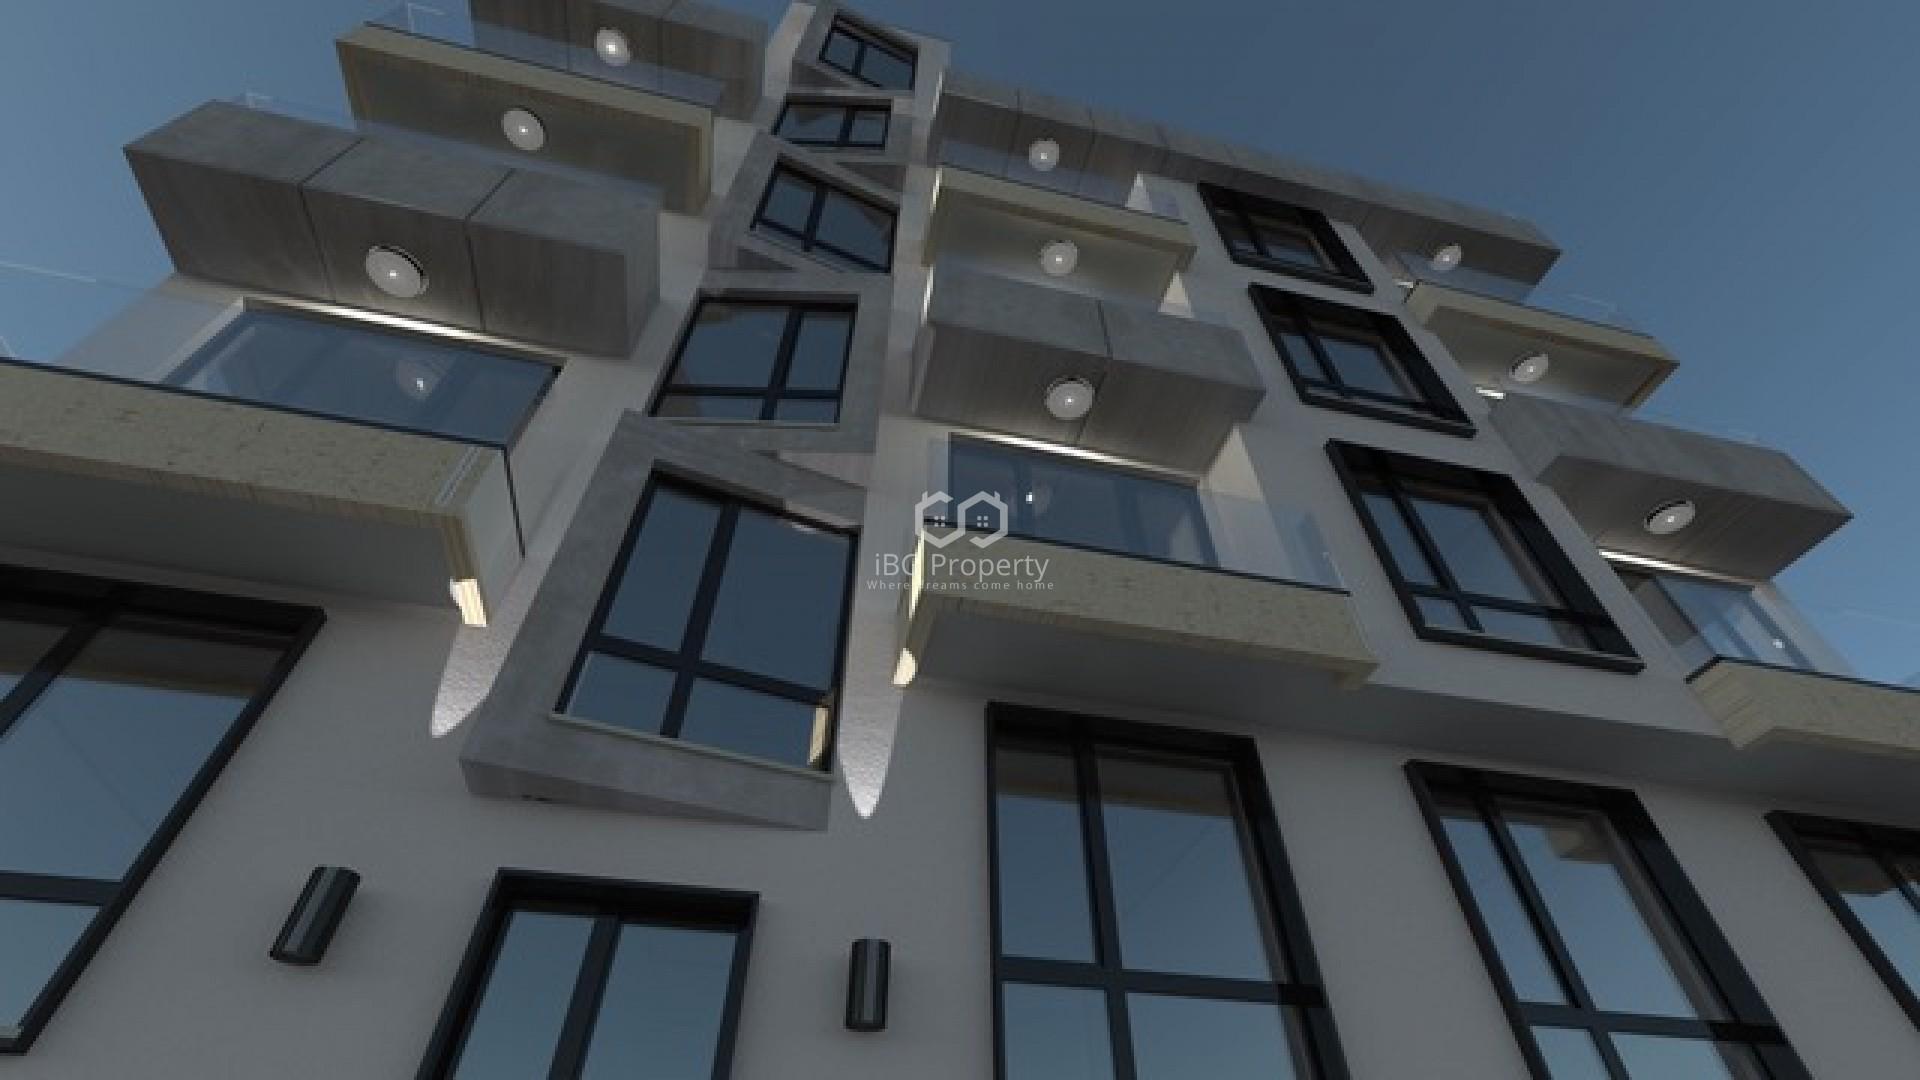 Двустаен апартамент Цветен квартал Варна 56 m2